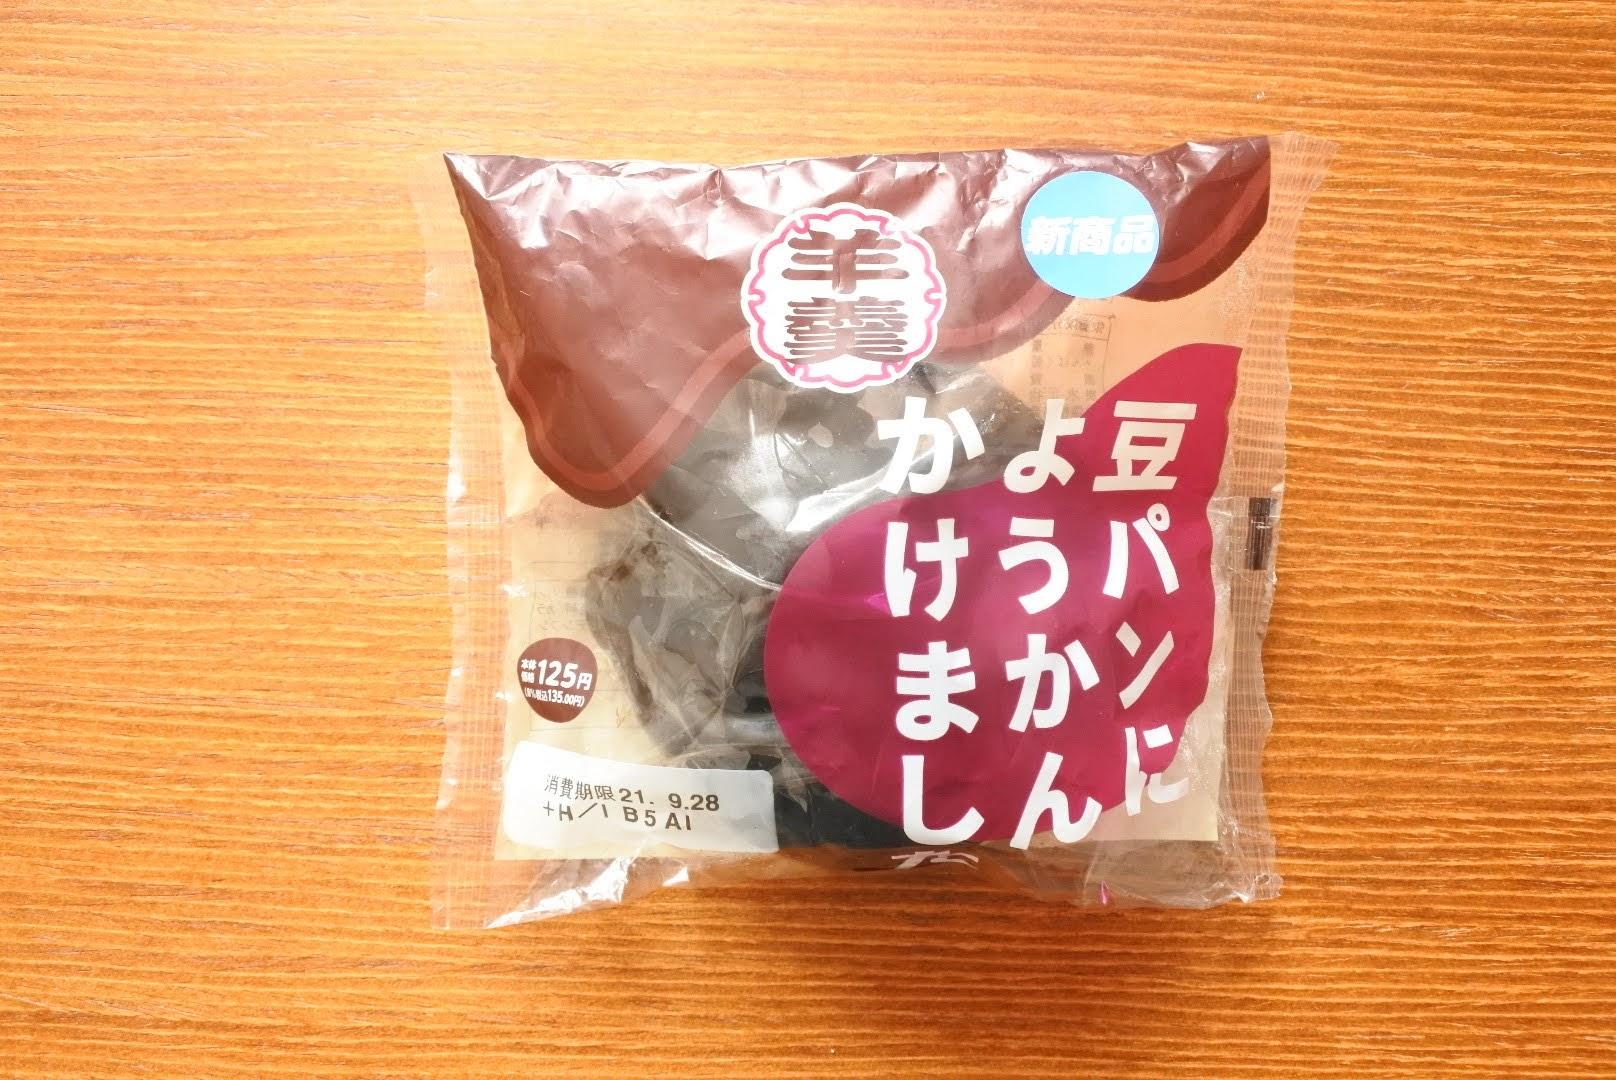 セコマ豆パンようかんパッケージ